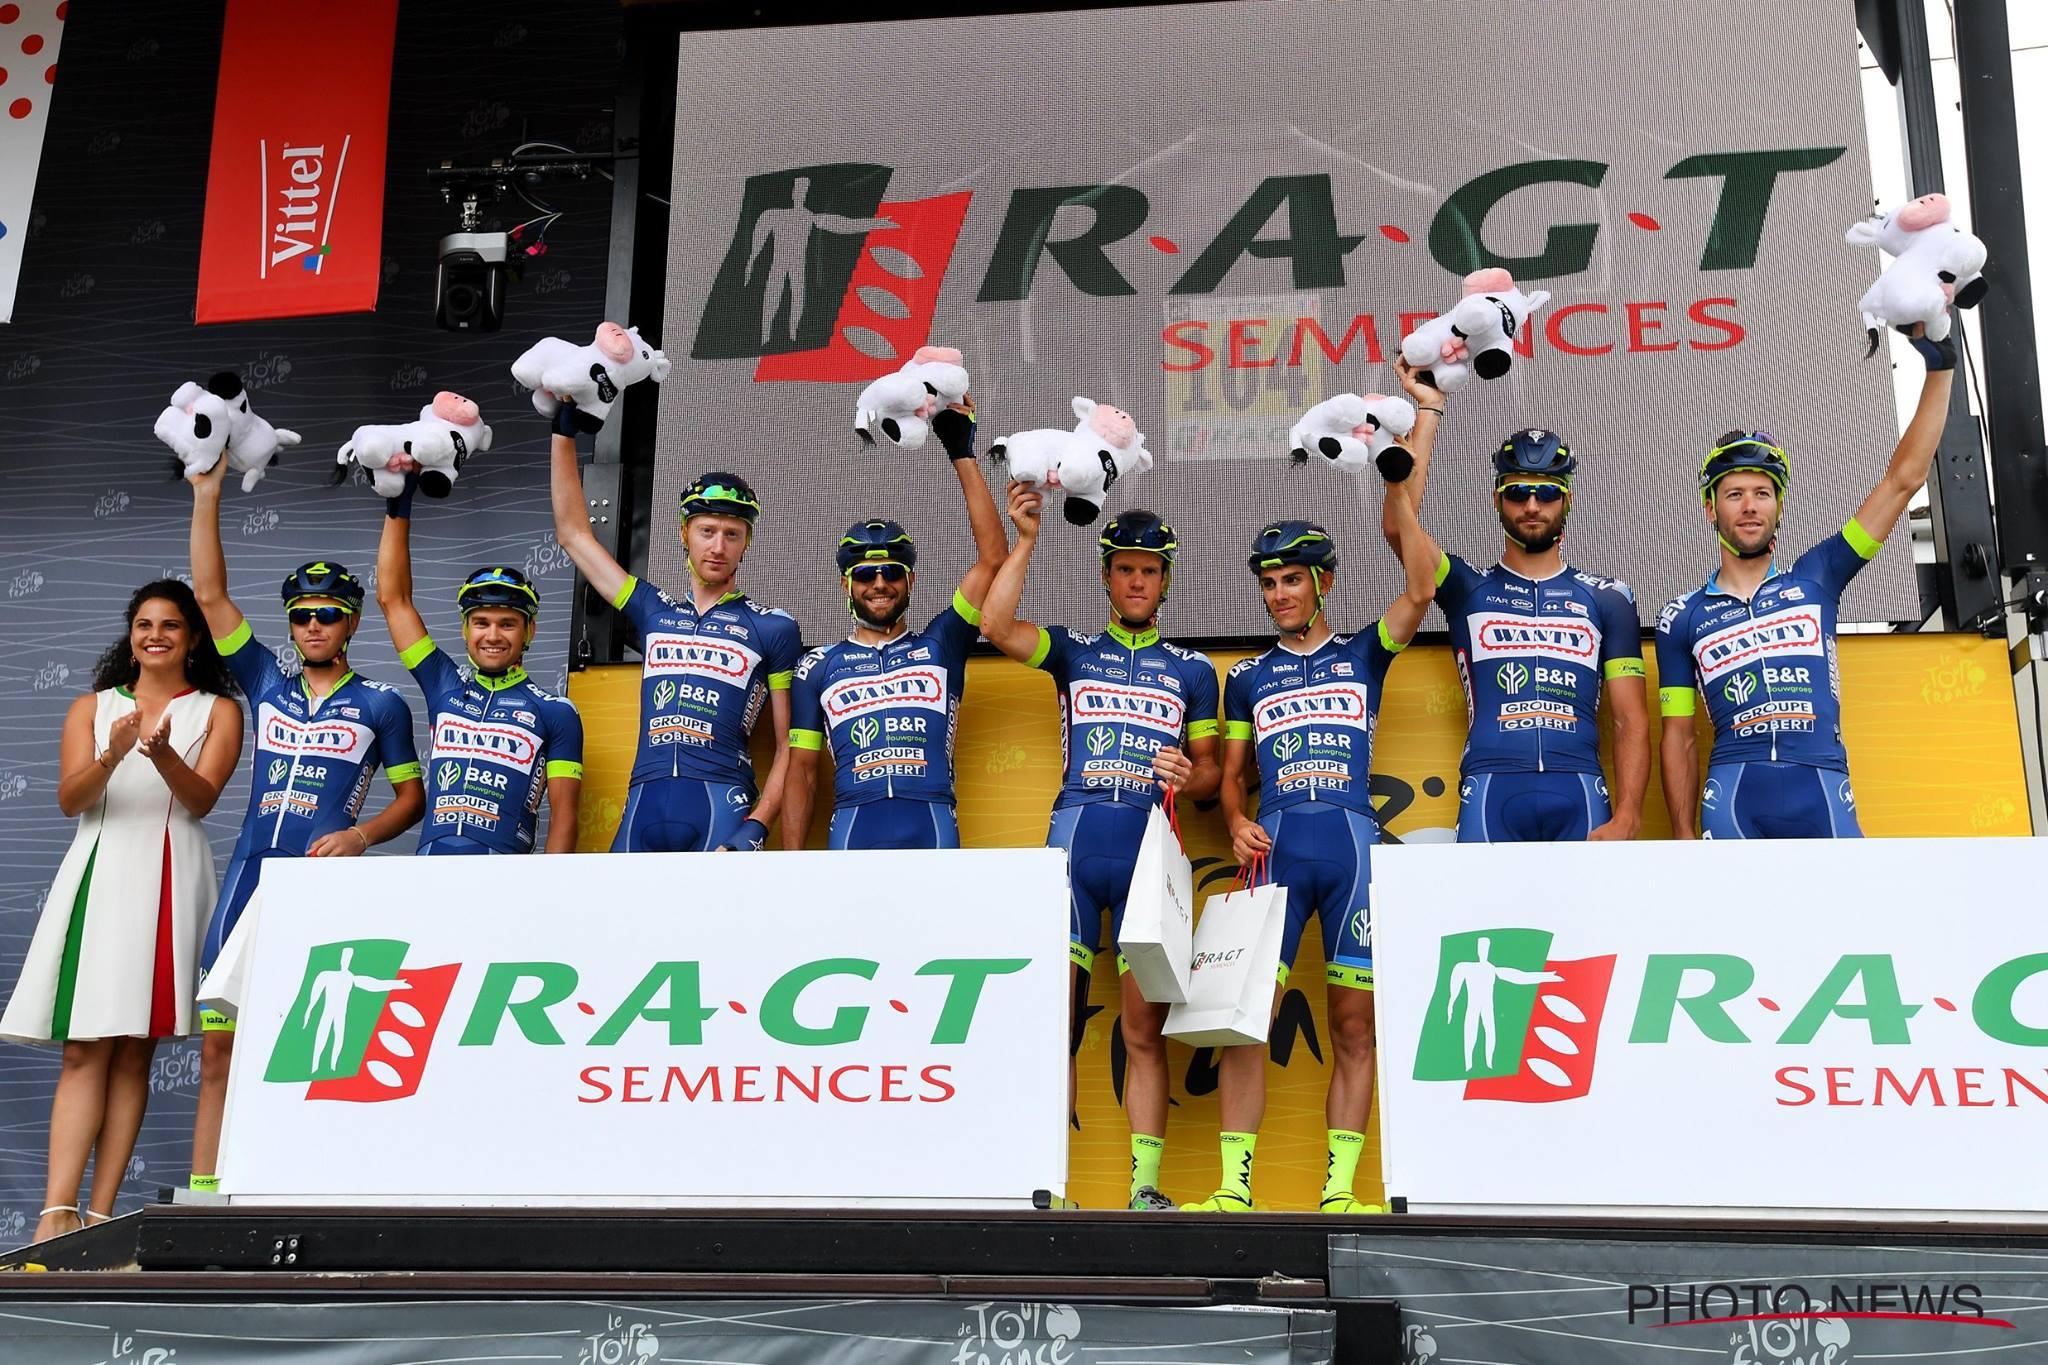 11ème étape : la Wanty-Groupe Gobert monte pour la 3ème fois sur le podium du classement par équipe. © Photo News